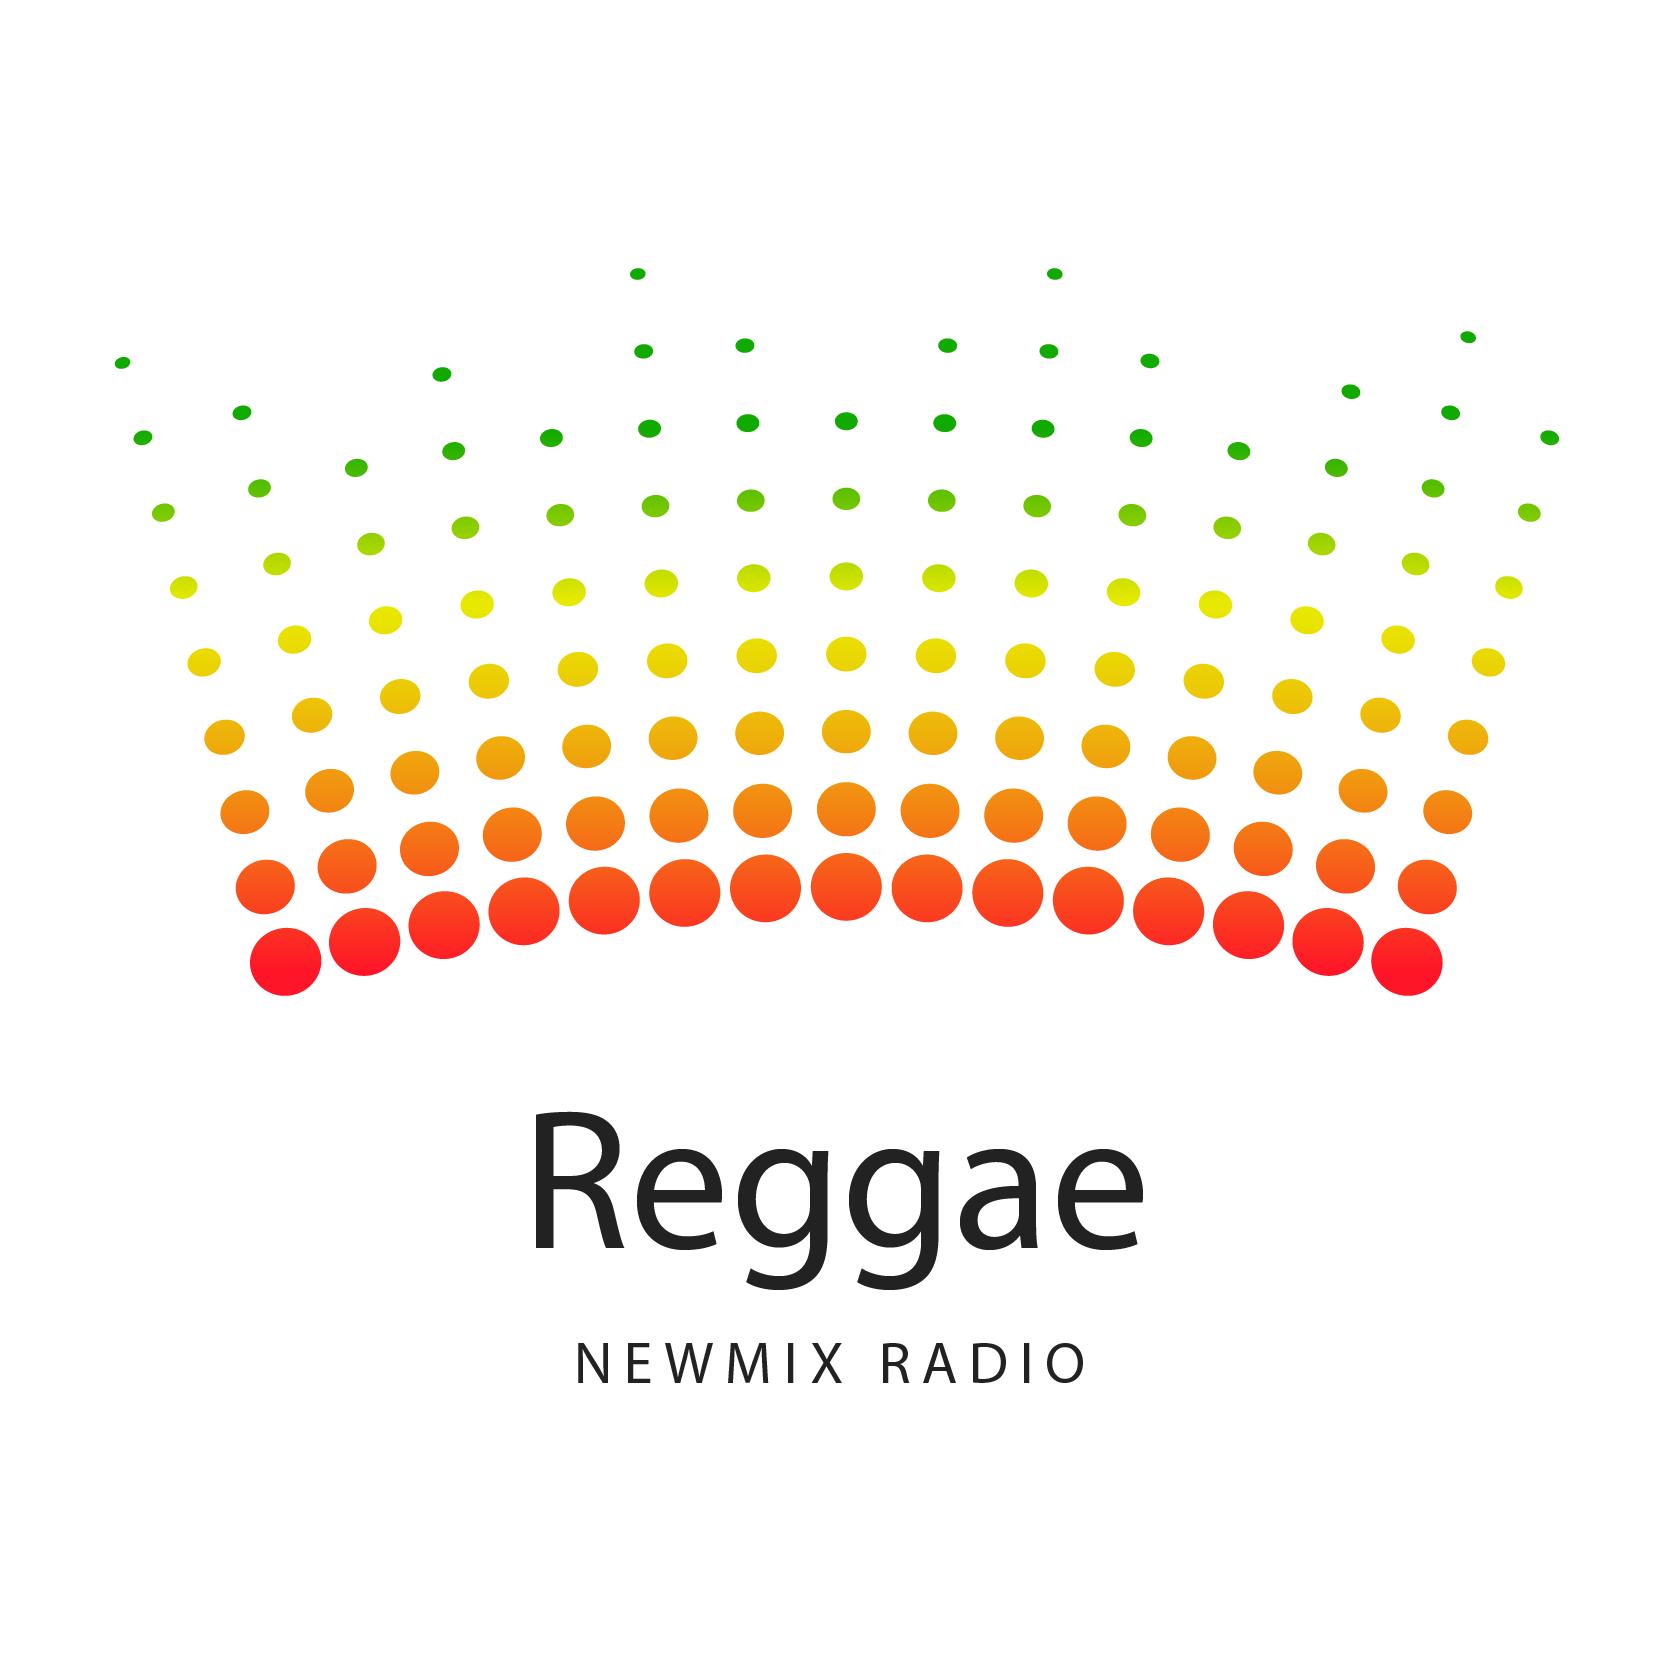 A_A Reggae